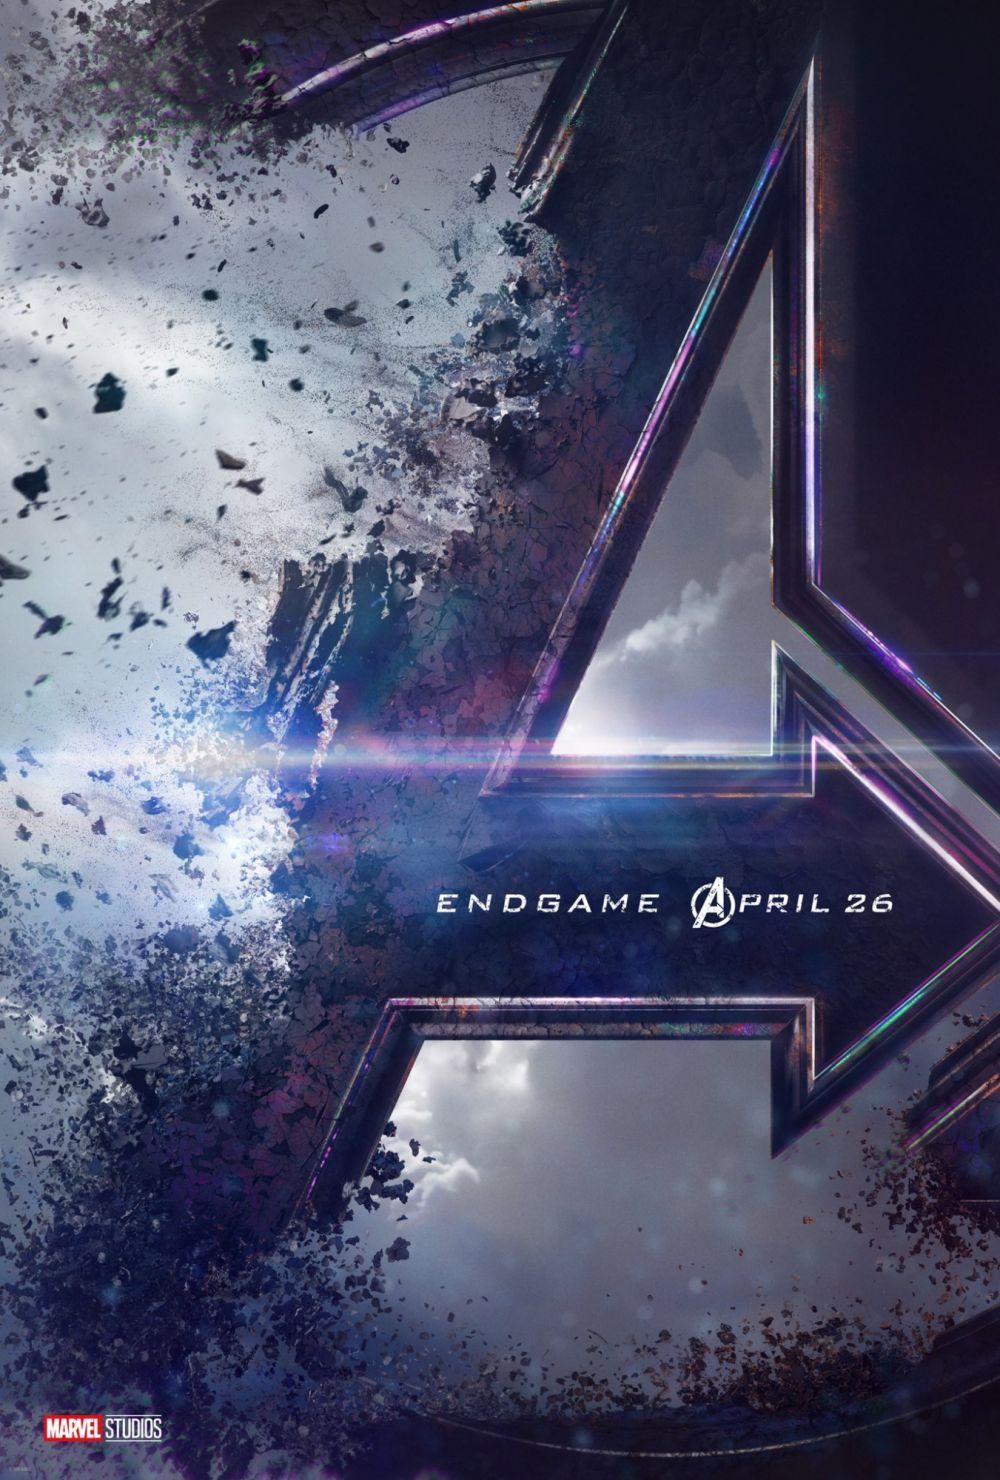 """Avengers Endgame"""": este es el Poster de """"Avengers 4"""